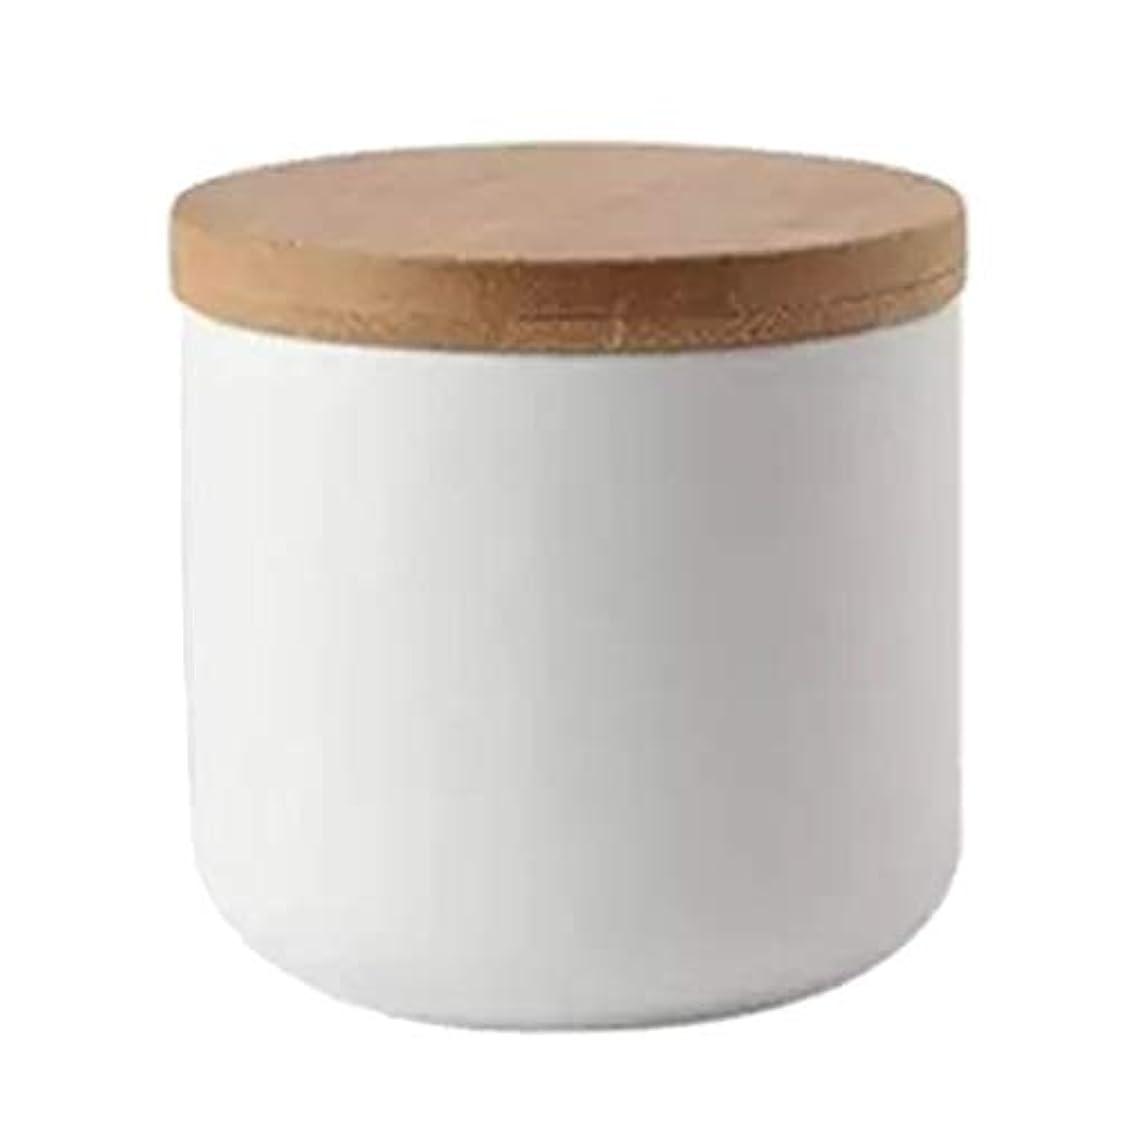 殺す標準途方もない化粧品ポット 収納 ボウル ネイルアートリムーバー アルコール ネイルリキッド パウダー コンテナ 全2色 - 白い